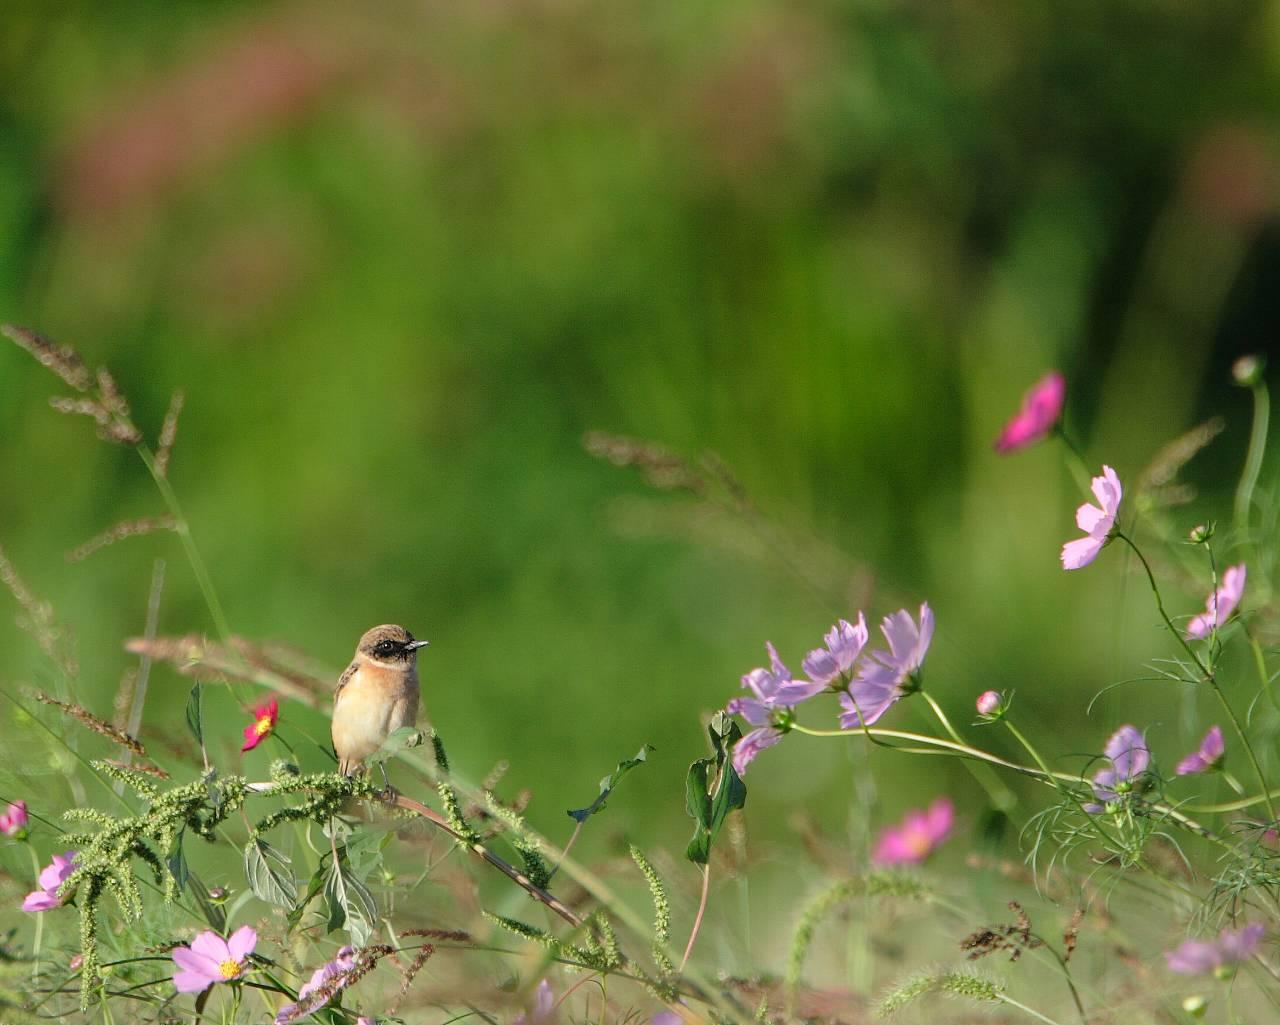 ノビタキとコスモスと彼岸花(野鳥と秋の草花の美しい壁紙)_f0105570_16242130.jpg